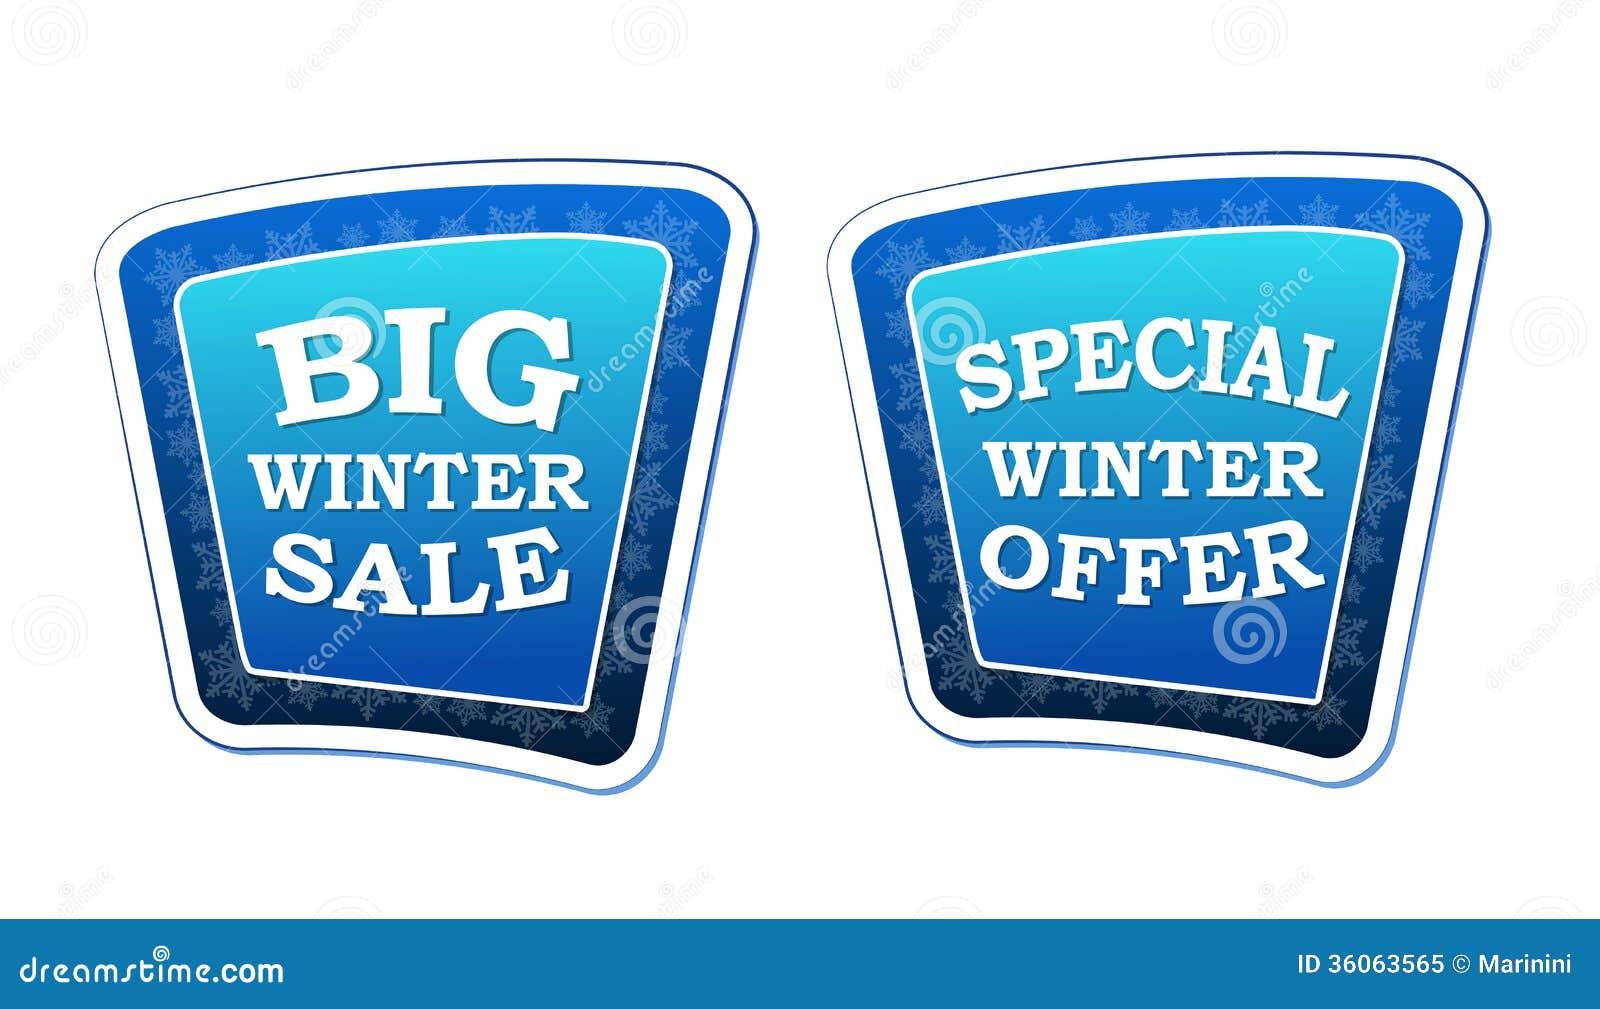 winter special sale cartoon vector